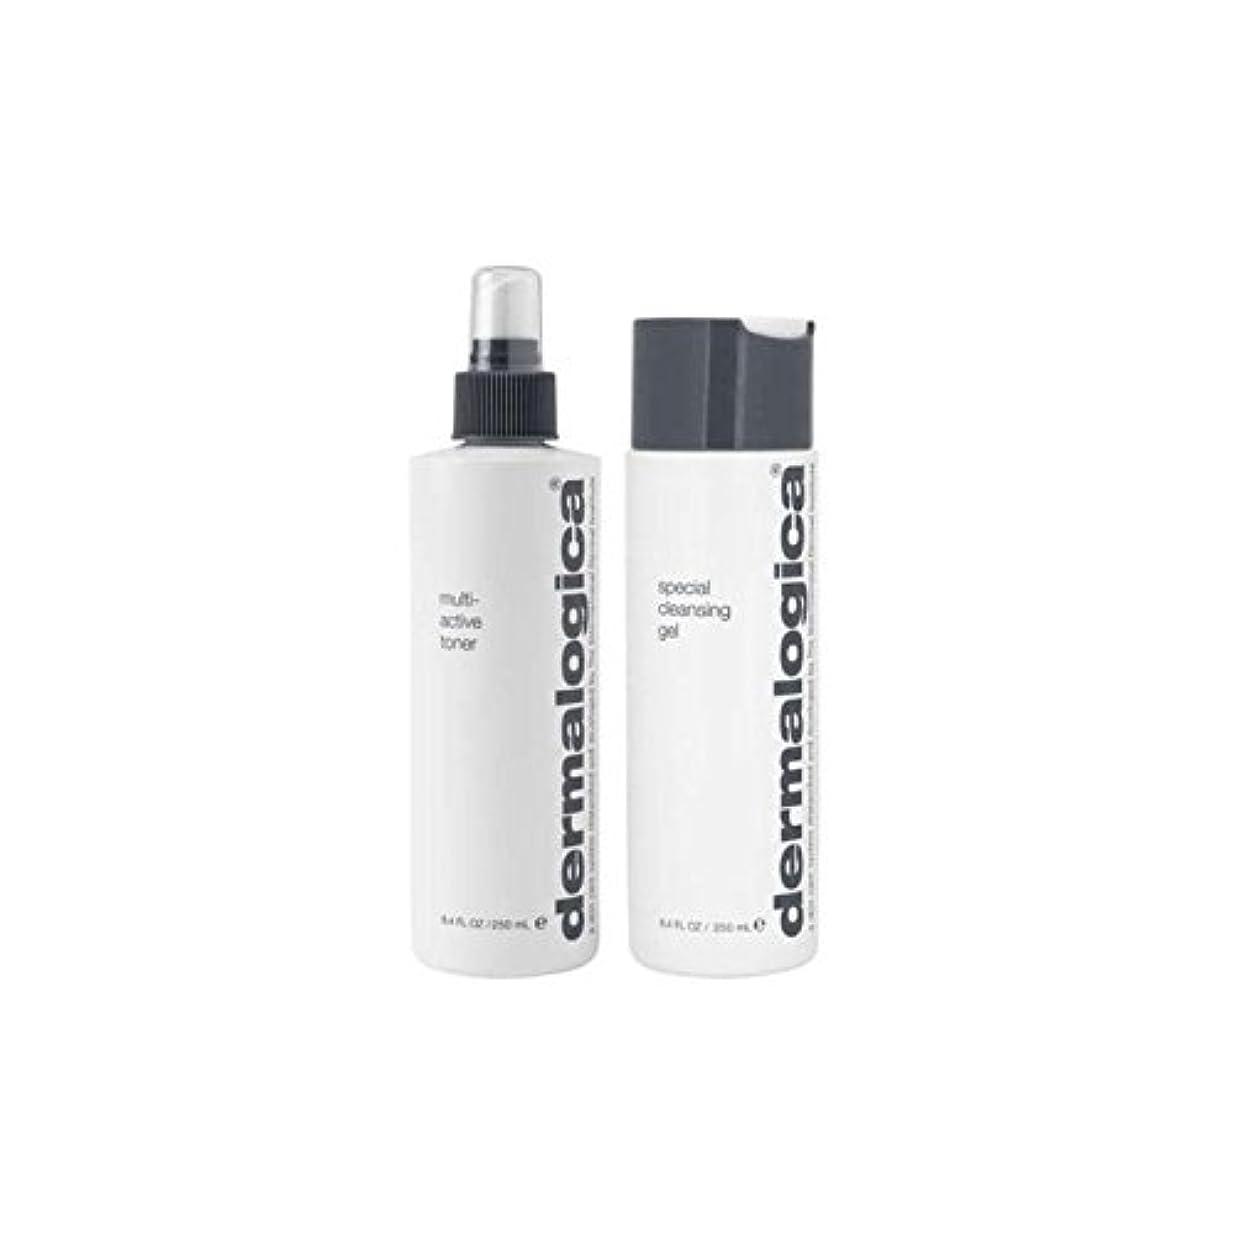 送った定刻地中海ダーマロジカクレンジング&トーンデュオ - ノーマル/ドライスキン(2製品) x2 - Dermalogica Cleanse & Tone Duo - Normal/Dry Skin (2 Products) (Pack of 2) [並行輸入品]